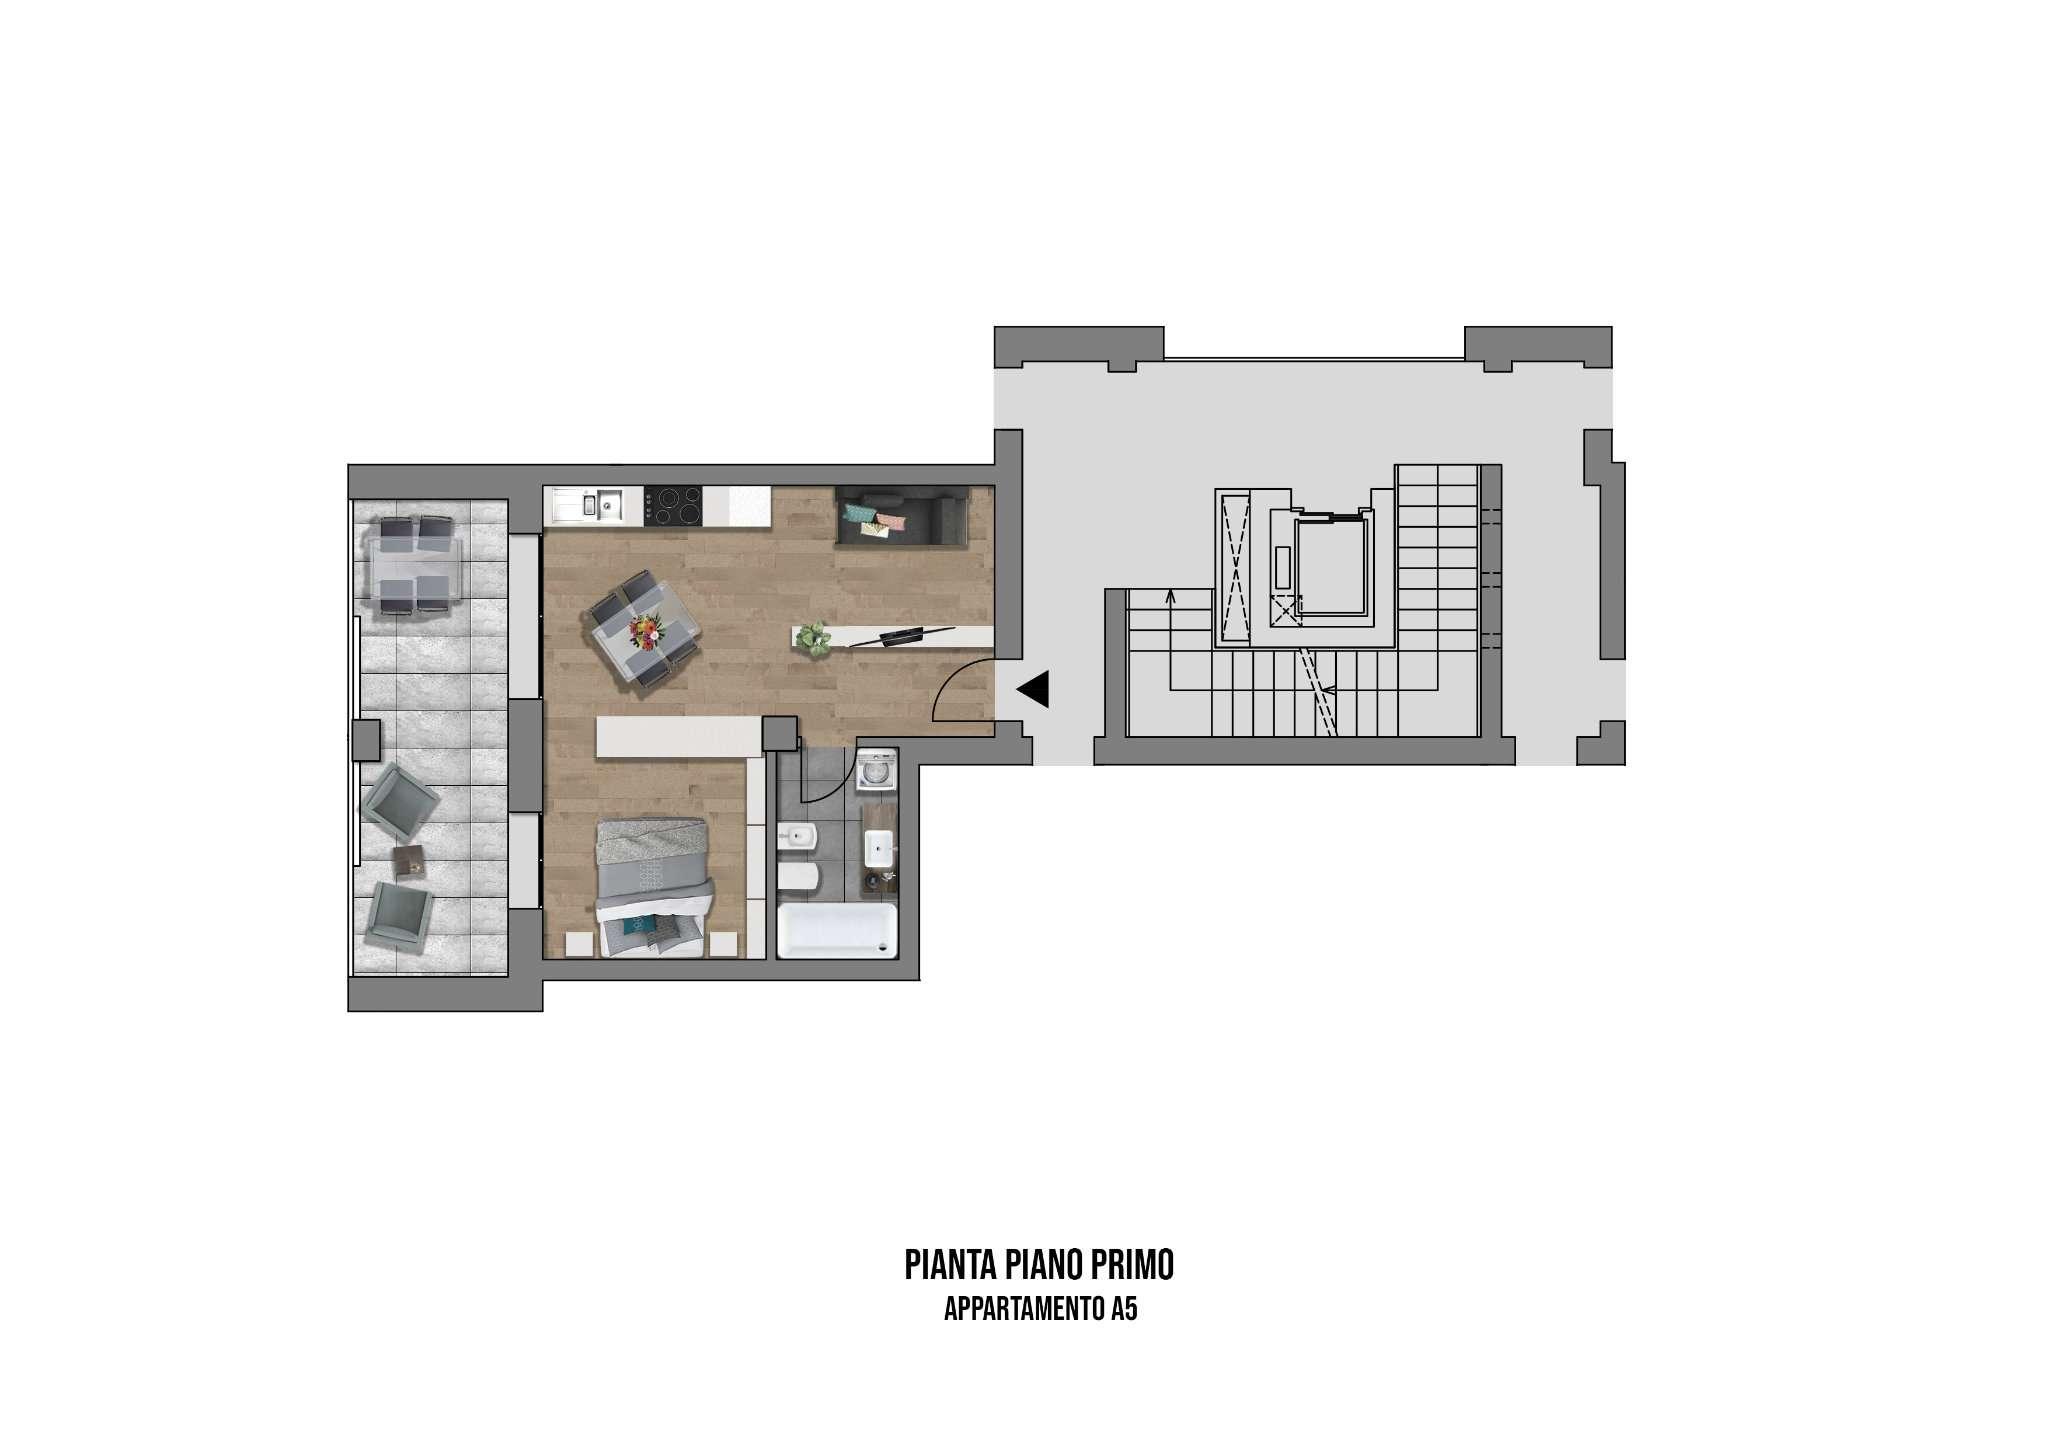 Appartamento in vendita a Casalecchio di Reno, 1 locali, prezzo € 190.000 | PortaleAgenzieImmobiliari.it